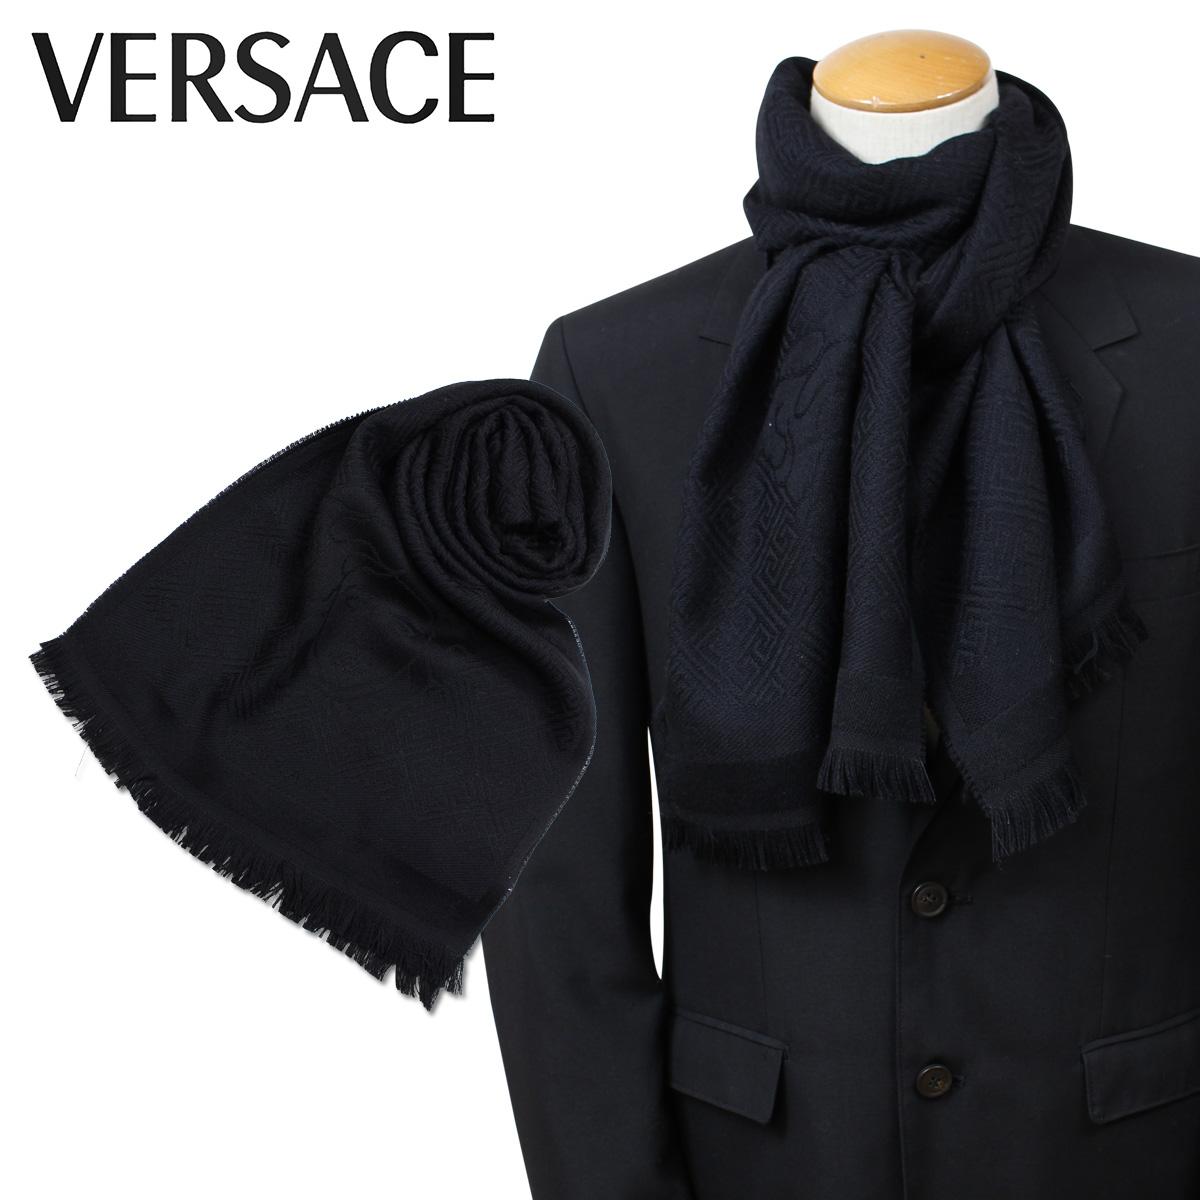 VERSACE 2310 ベルサーチ マフラー ヴェルサーチ メンズ レディース ウール イタリア製 カジュアル ビジネス ブラック